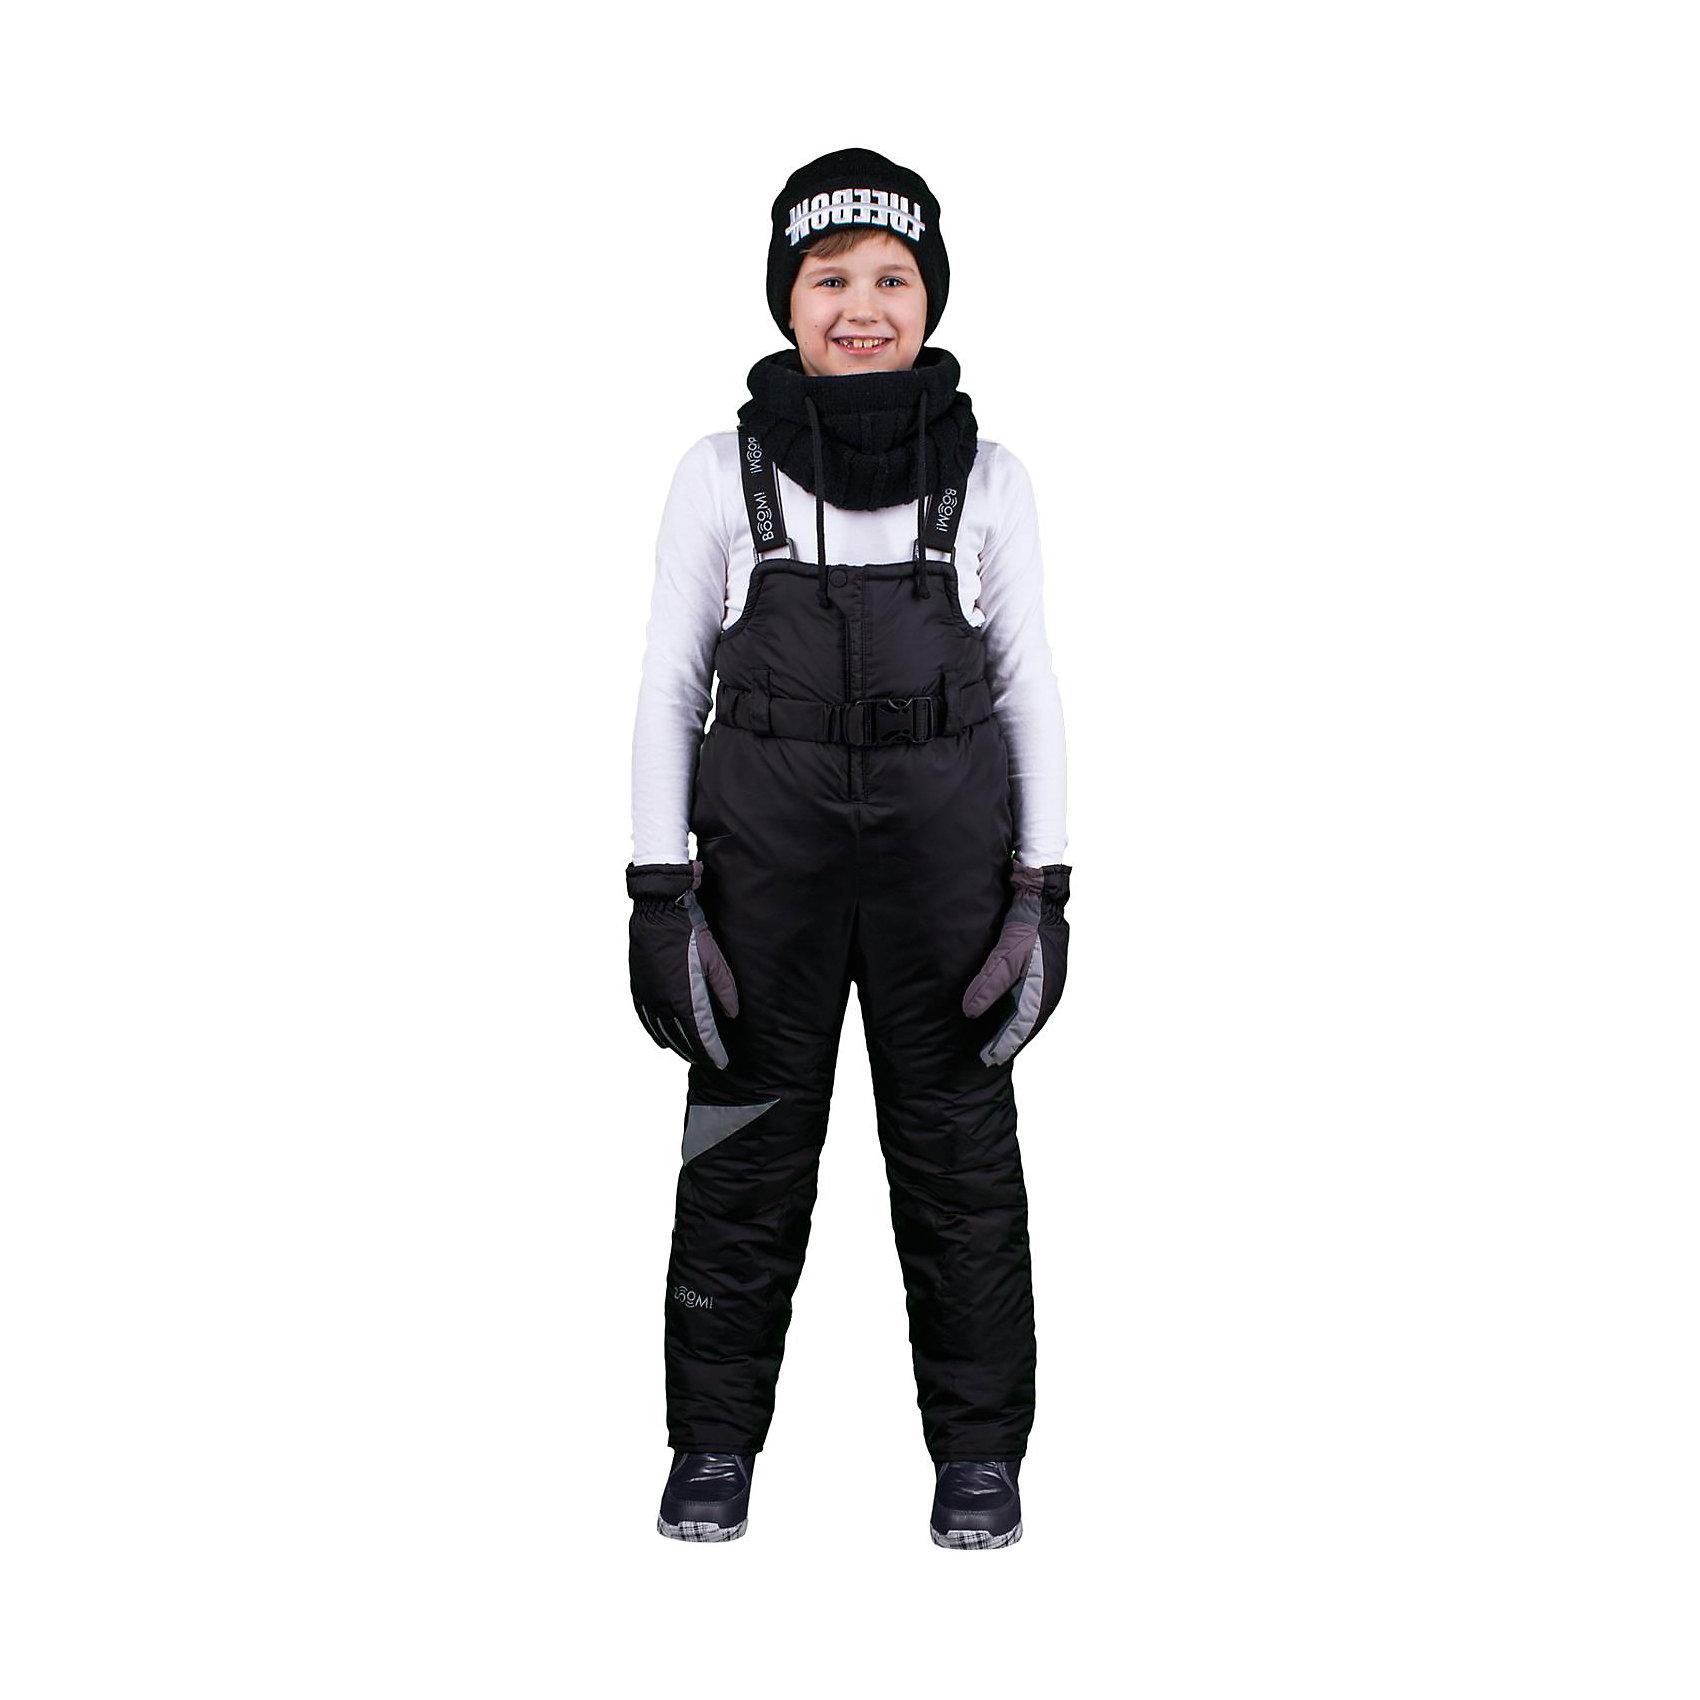 Полукомбинезон для мальчика BOOM by OrbyВерхняя одежда<br>Характеристики изделия:<br><br>- материа л верха: 100% полиэстер;;<br>- подкладка: ПЭ, флис;<br>- утеплитель: эко-синтепон 200 г/м2; <br>- фурнитура: металл, пластик;<br>- застежка: молния;<br>- регулируемые лямки;<br>- эластичный пояс;<br>- светоотражающие детали;<br>- температурный режим до -30°С<br><br>В холодный сезон важно одеть ребенка комфортно и тепло. Этот стильный и теплый полукомбинезон позволит мальчику наслаждаться зимним отдыхом, не боясь замерзнуть, и выглядеть при этом очень стильно.<br>Изделие плотно сидит благодаря продуманному крою и надежным застежкам. Оно смотрится очень эффектно благодаря стильному дизайну. Полукомбинезон дополнен карманами и эластичным поясом.<br><br>Полукомбинезон для мальчика от бренда BOOM by Orby можно купить в нашем магазине.<br><br>Ширина мм: 215<br>Глубина мм: 88<br>Высота мм: 191<br>Вес г: 336<br>Цвет: черный<br>Возраст от месяцев: 12<br>Возраст до месяцев: 18<br>Пол: Мужской<br>Возраст: Детский<br>Размер: 86,80,98,116,146,140,110,134,128,92,122,152,158,104<br>SKU: 4982839